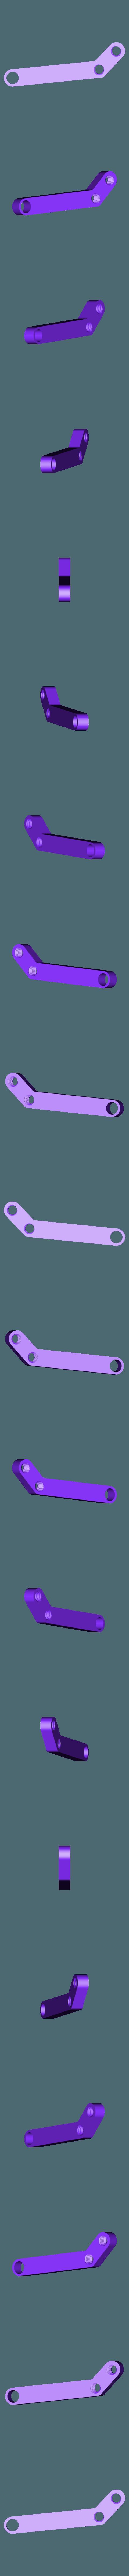 Leg_Rear_Lower_Front.stl Télécharger fichier STL gratuit Cheval, Prototype • Design pour imprimante 3D, gzumwalt